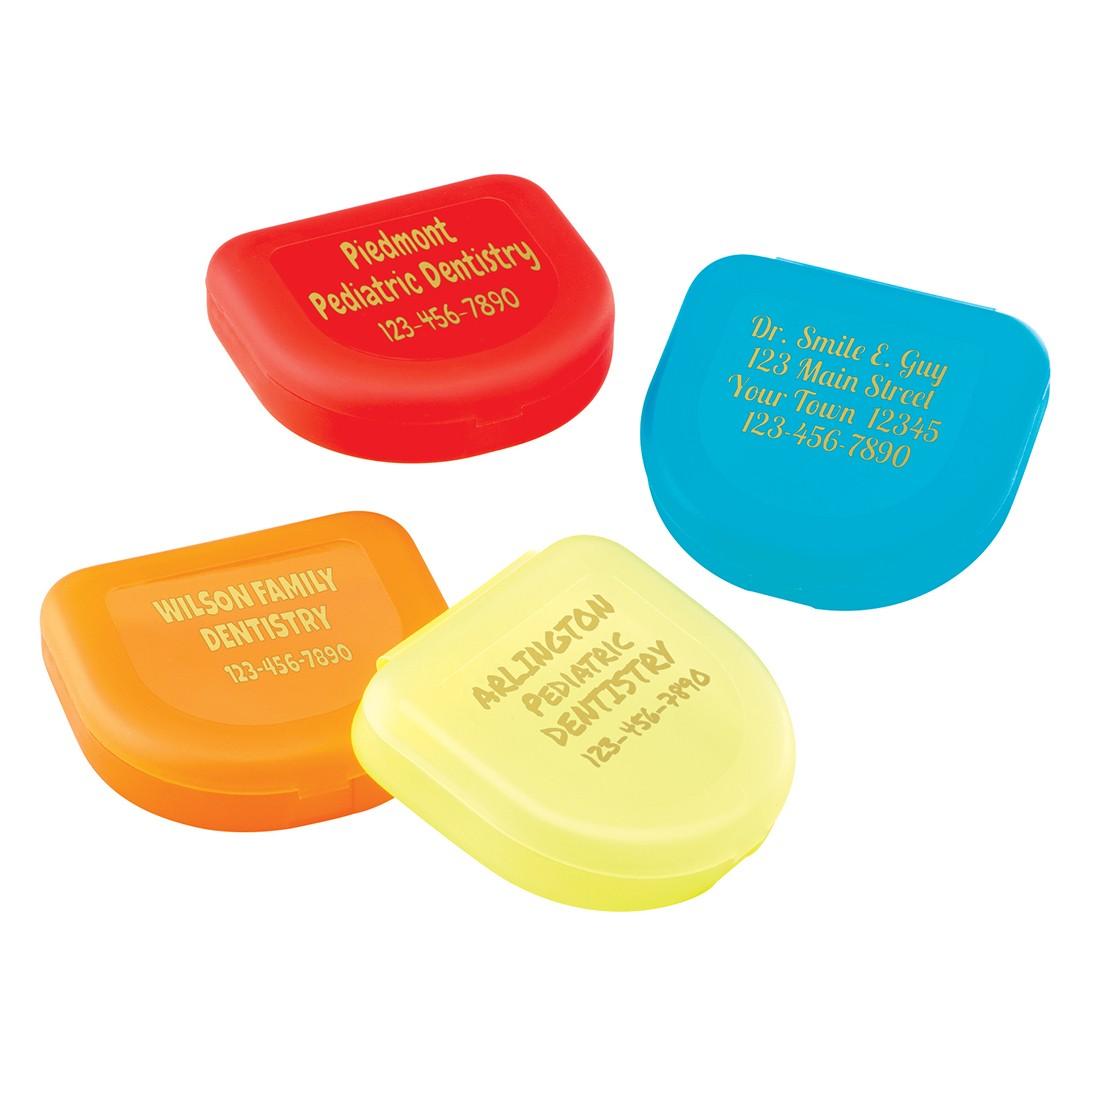 Custom Translucent Retainer Cases [image]